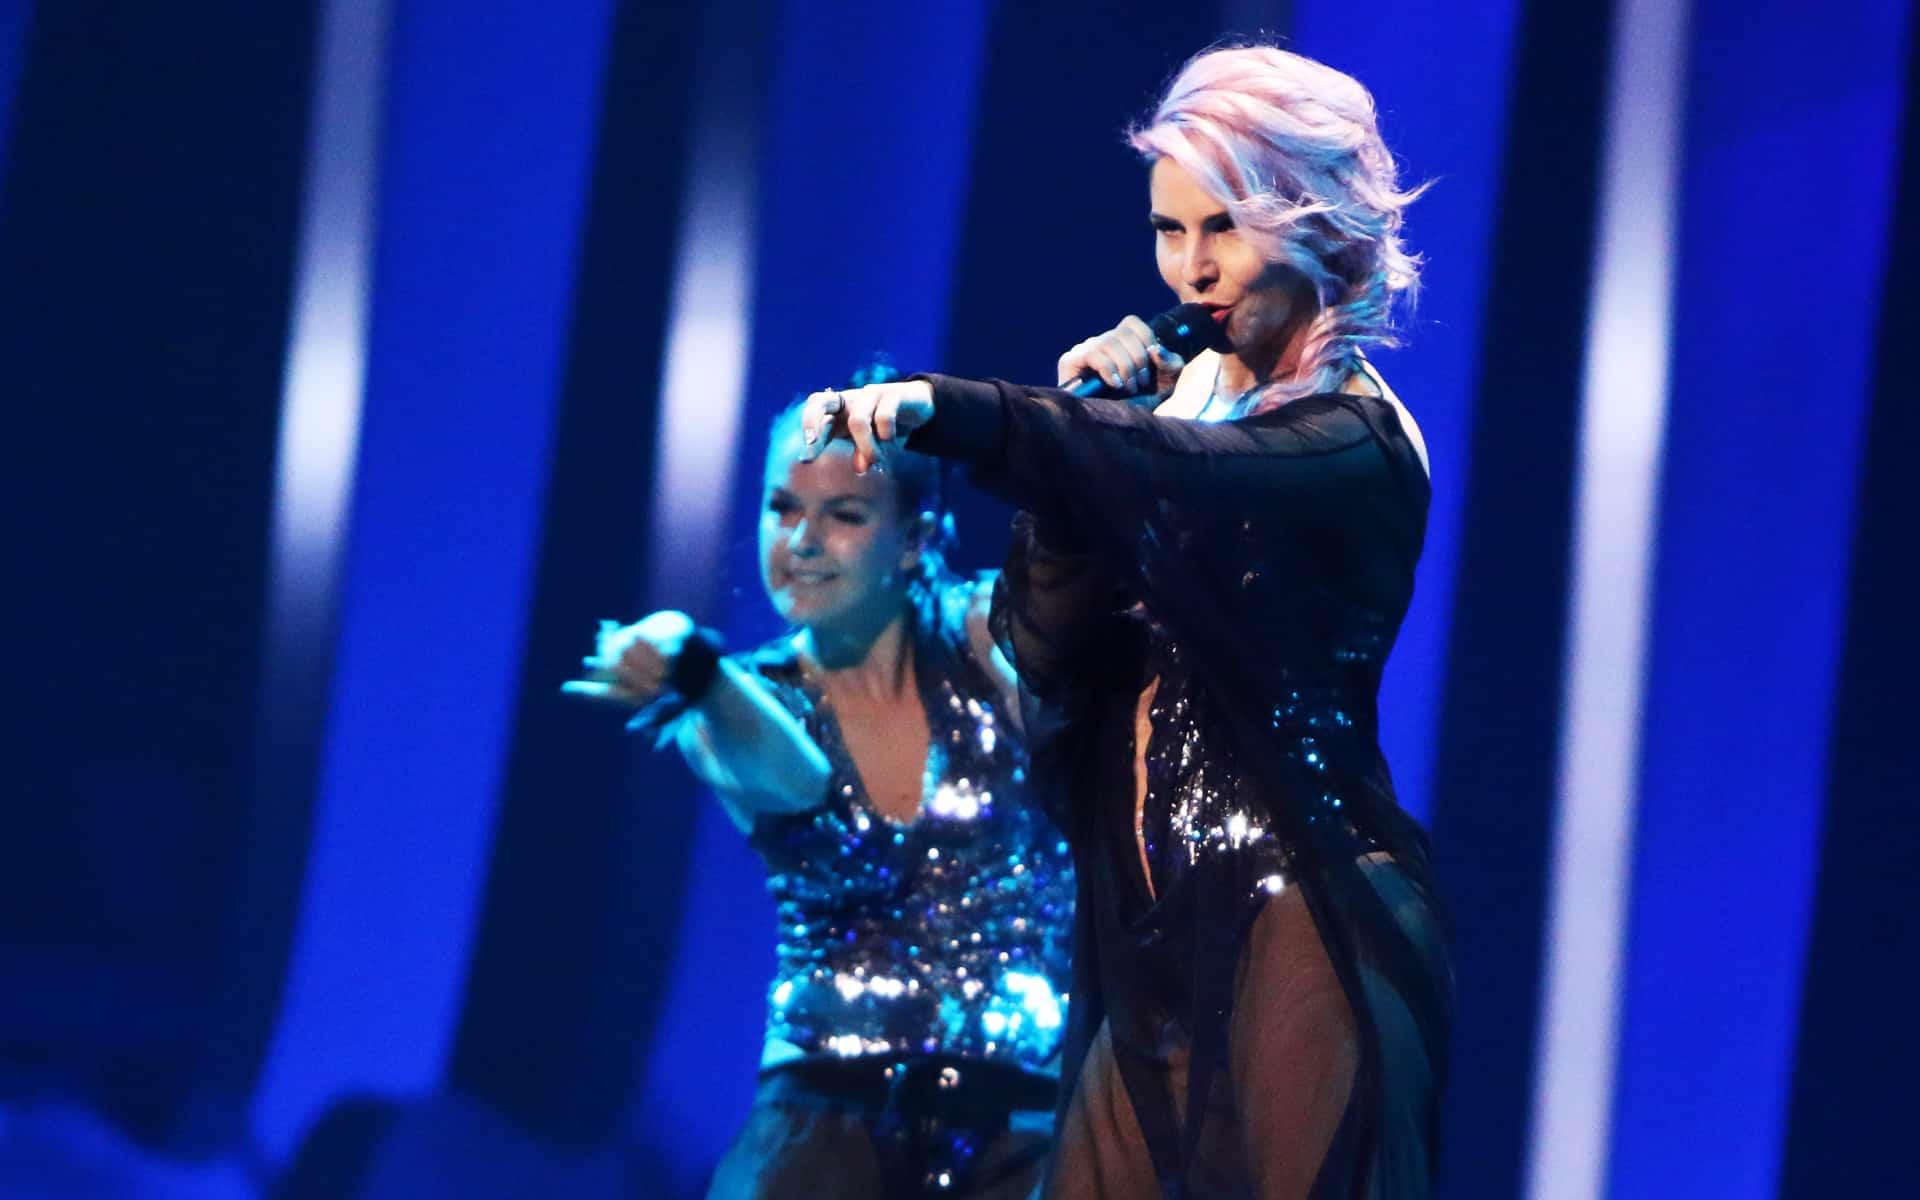 Life after Helsinki 2007 Eurovision: April 2018